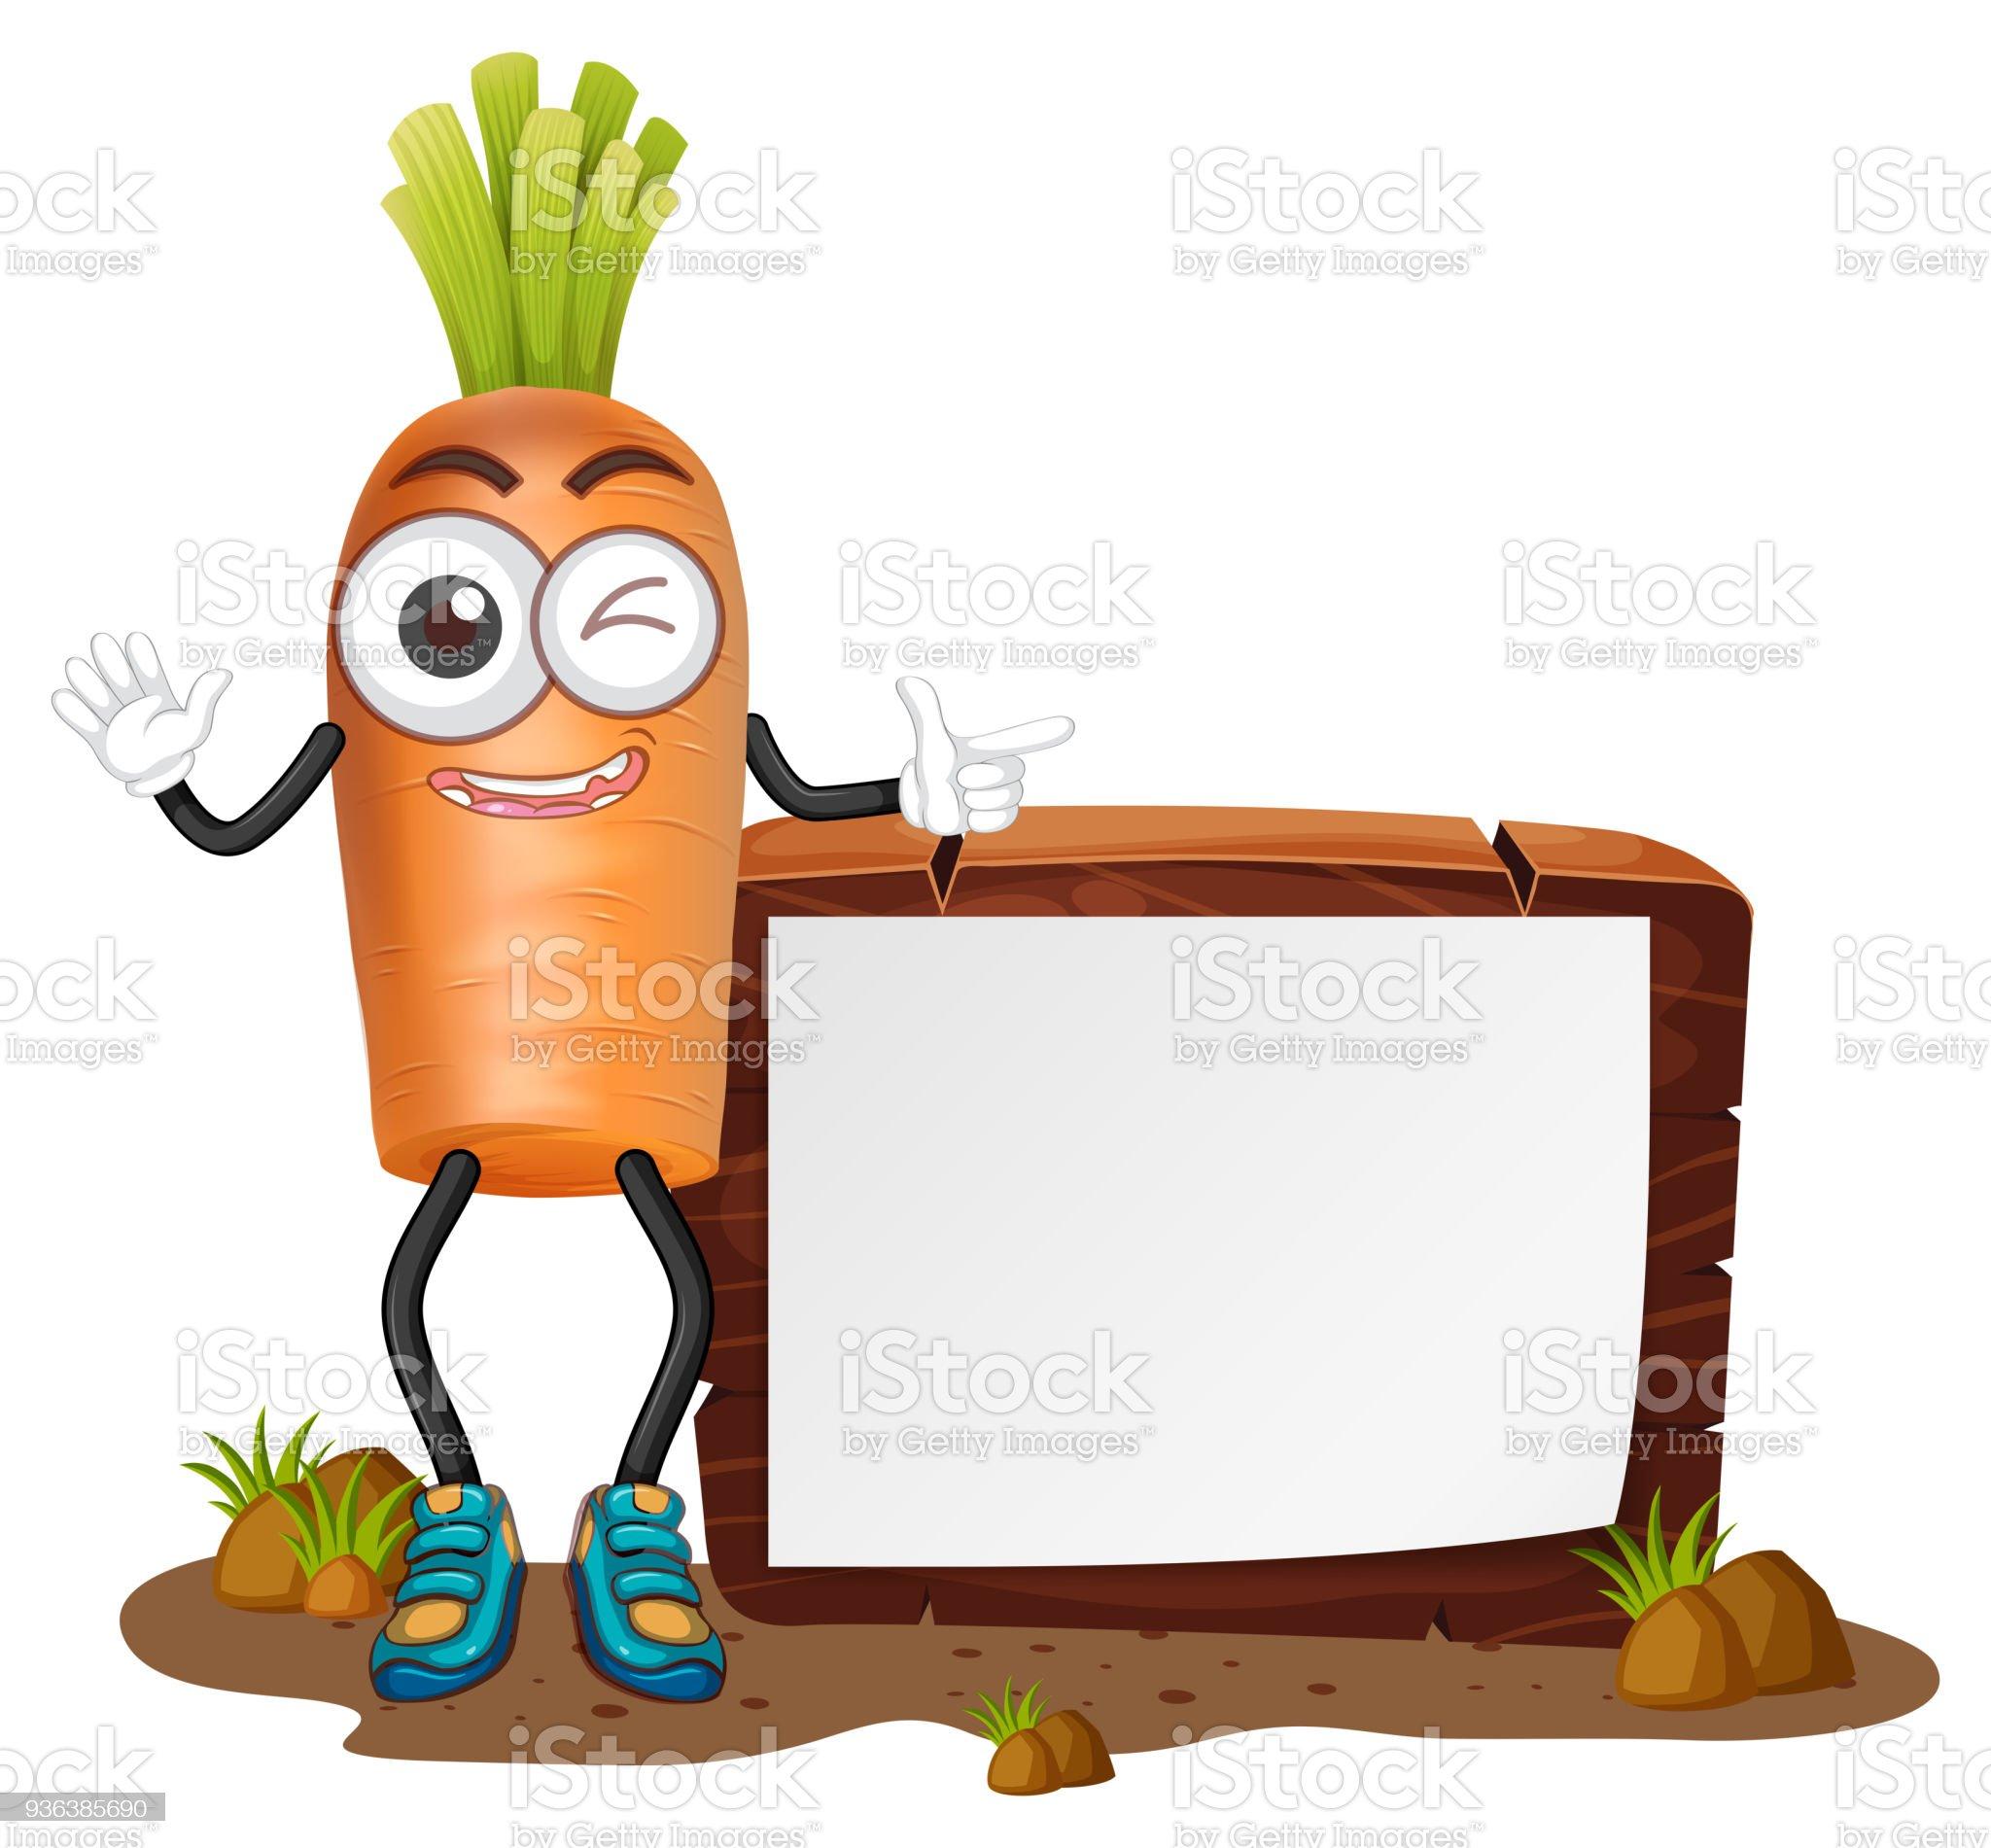 Imagen De Tablero En Blanco Y La Zanahoria Feliz Fotografia De Stock Ricos bizcochitos de zanahoria con especias que los hace diferentes e interesantes, especialmente así que como les mencioné cuando compartí con ustedes la receta para el jugo de zanahoria, en vez. https www freejpg com ar imagenes premium 936385690 tablero en blanco y la zanahoria feliz